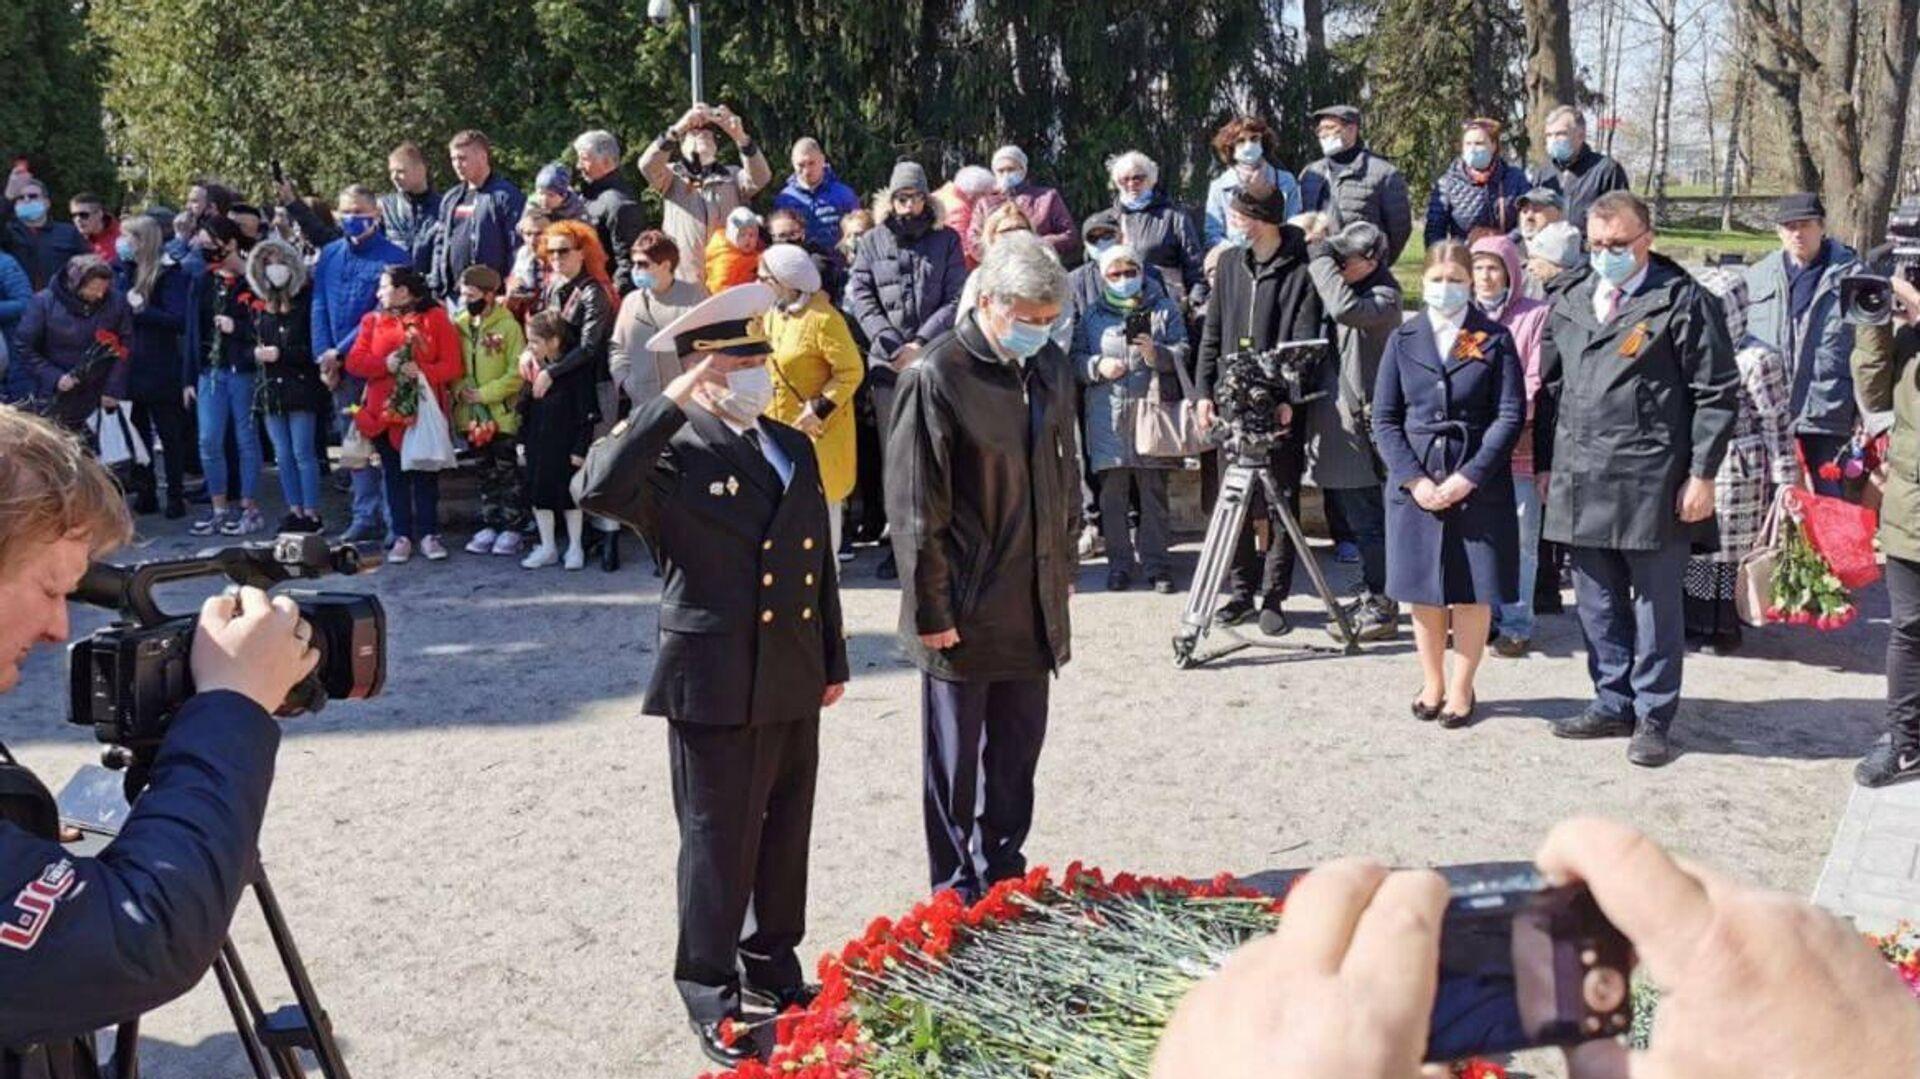 Российские дипломаты во главе с послом Александром Петровым 9 мая возложили венки и цветы к подножию памятника Воину-Освободителю в Таллине - РИА Новости, 1920, 09.05.2021